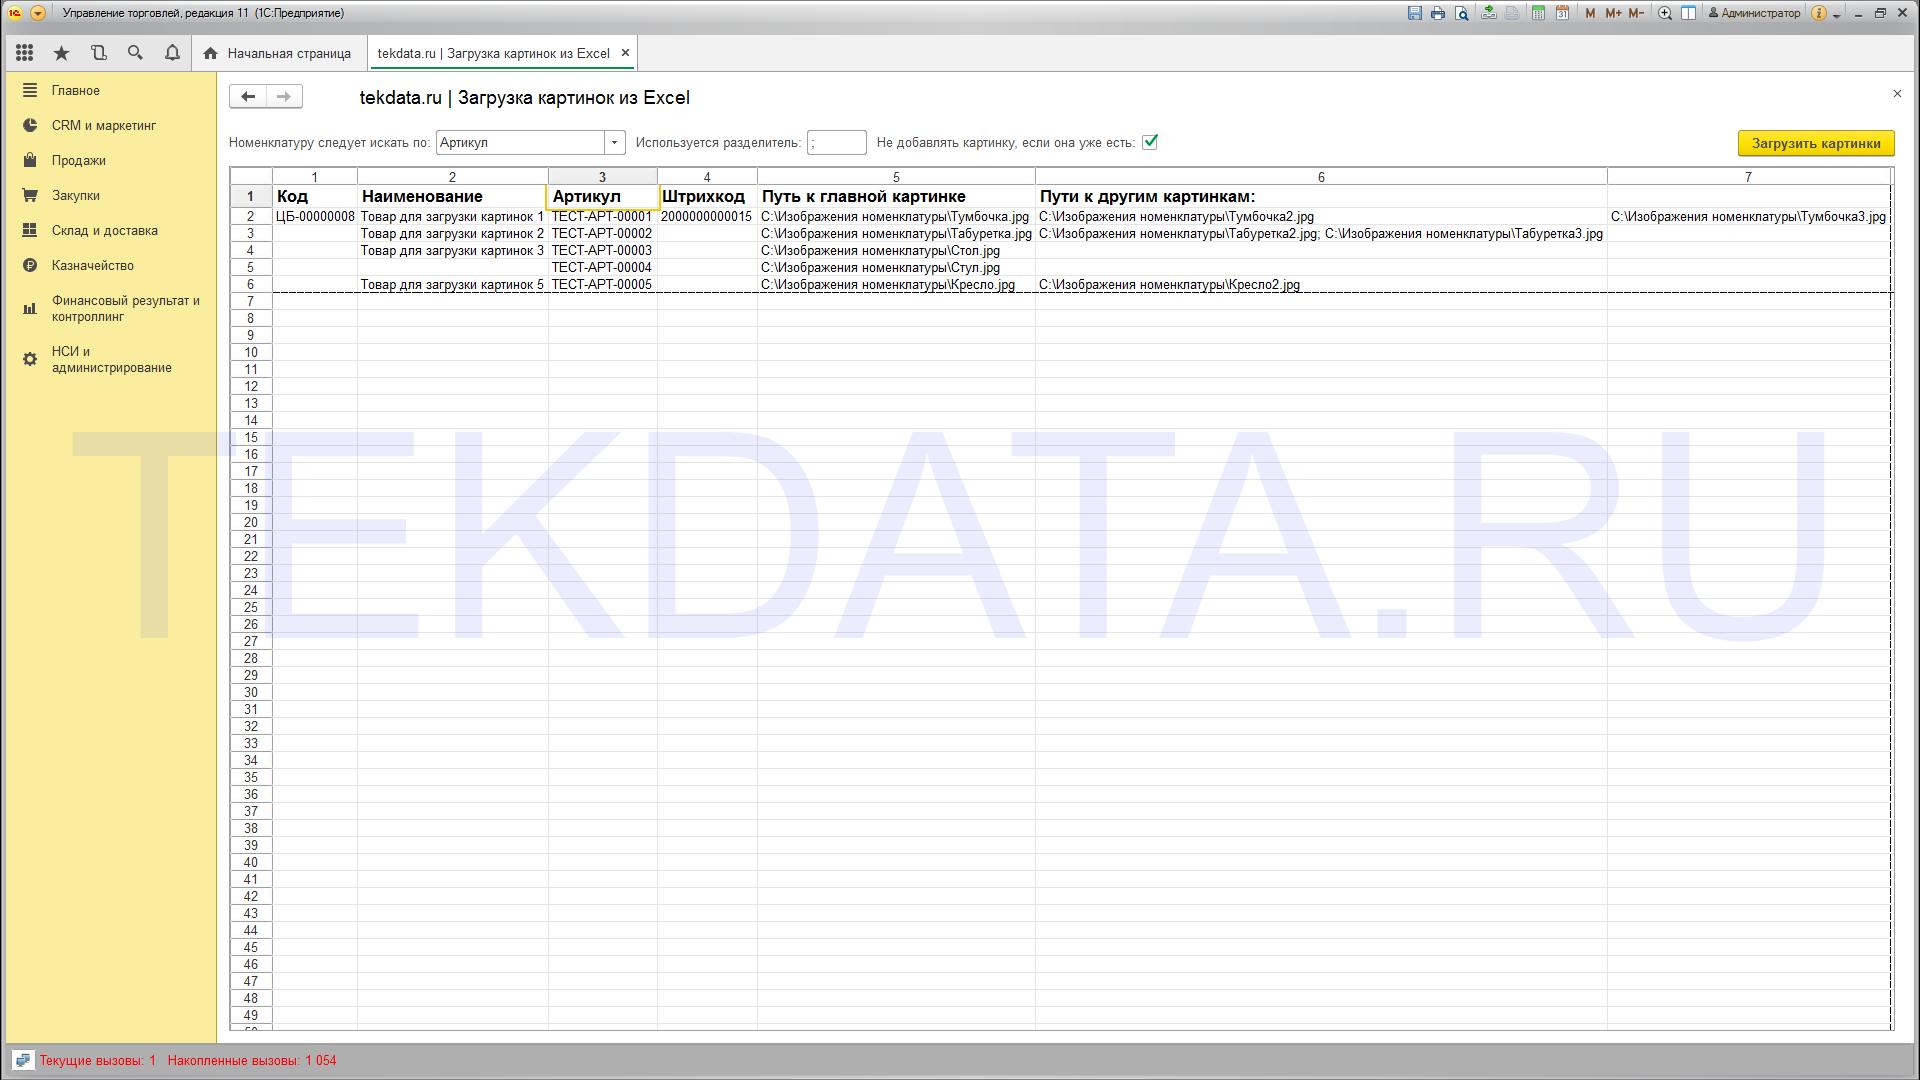 Загрузка картинок номенклатуры из Excel для 1С:УТ 11.3